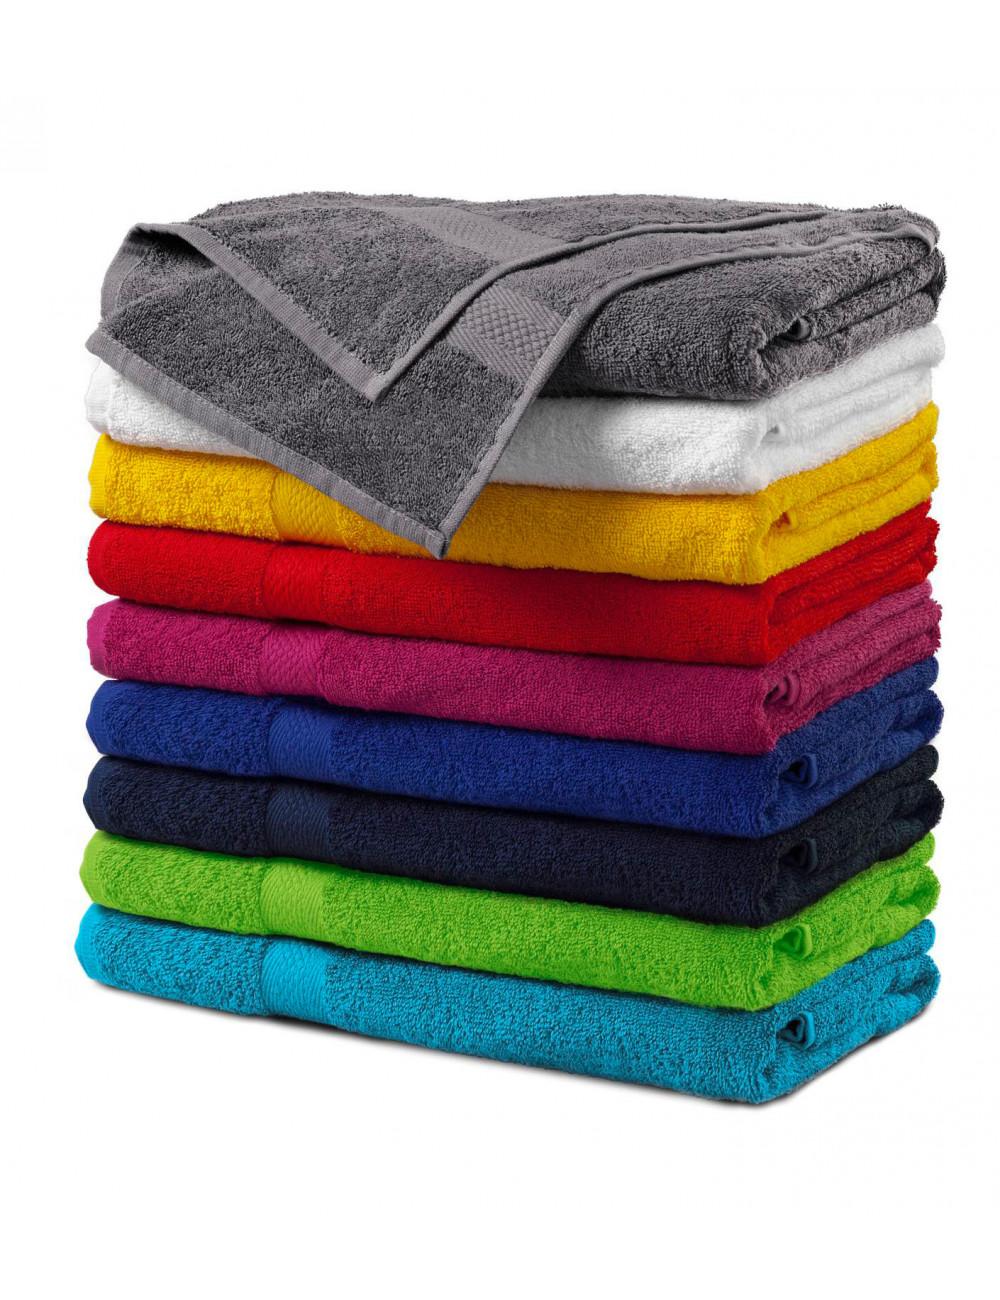 Adler MALFINI Ręcznik duży unisex Terry Bath Towel 905 fuchsia red